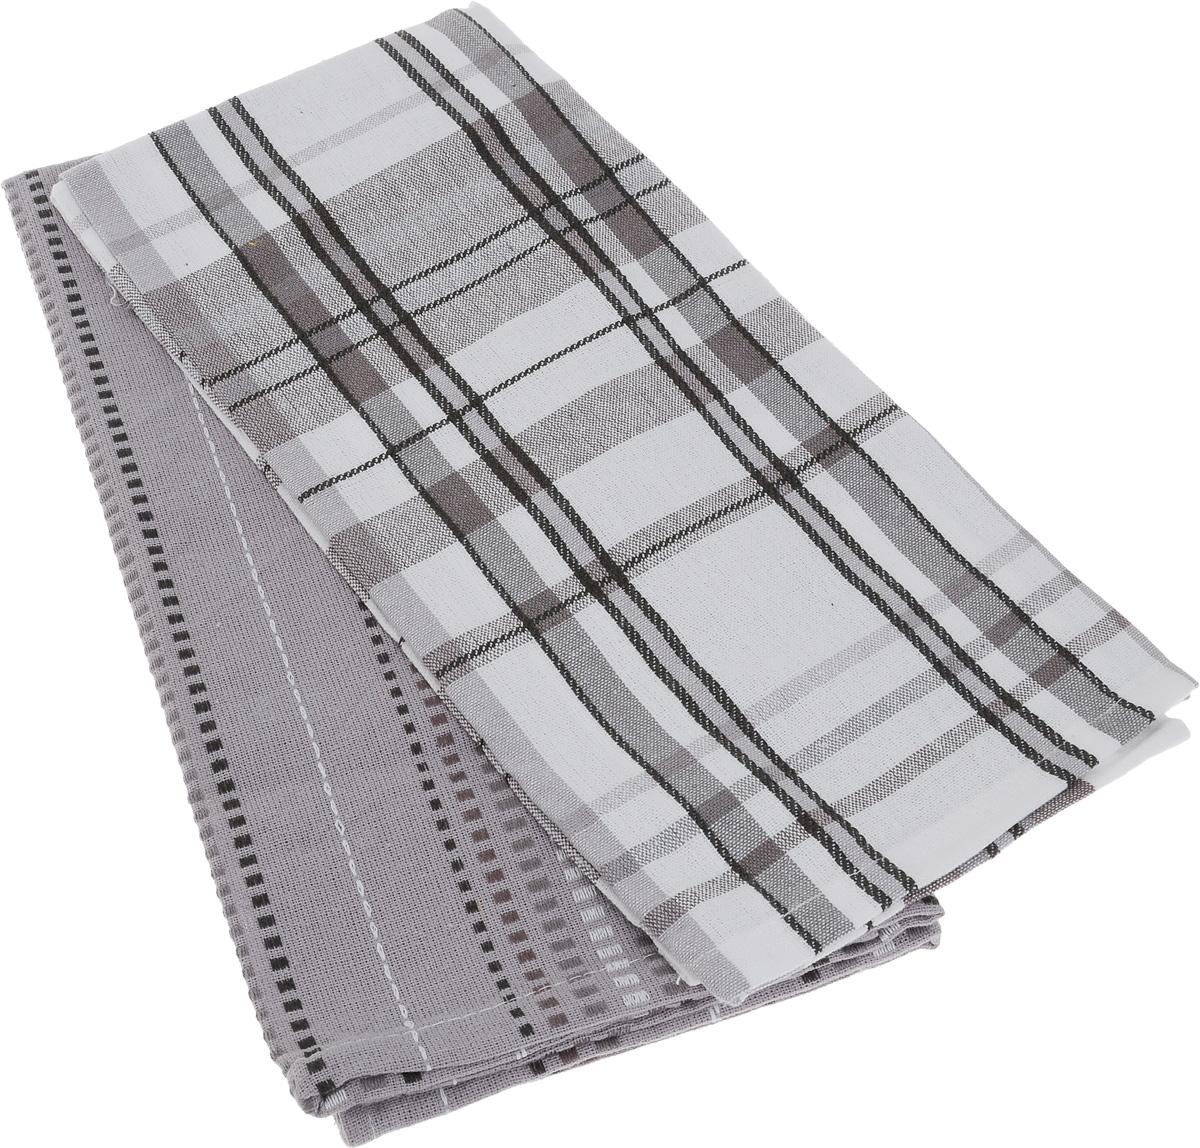 Набор кухонных полотенец Soavita Strip, цвет: черный, белый, серый, 48 х 68 см, 2 шт1004900000360Набор Soavita Strip состоит из двух полотенец, выполненных из 100% хлопка. Изделия предназначены для использования на кухне и в столовой.Набор полотенец Soavita Strip - отличное приобретение для каждой хозяйки.Комплектация: 2 шт.